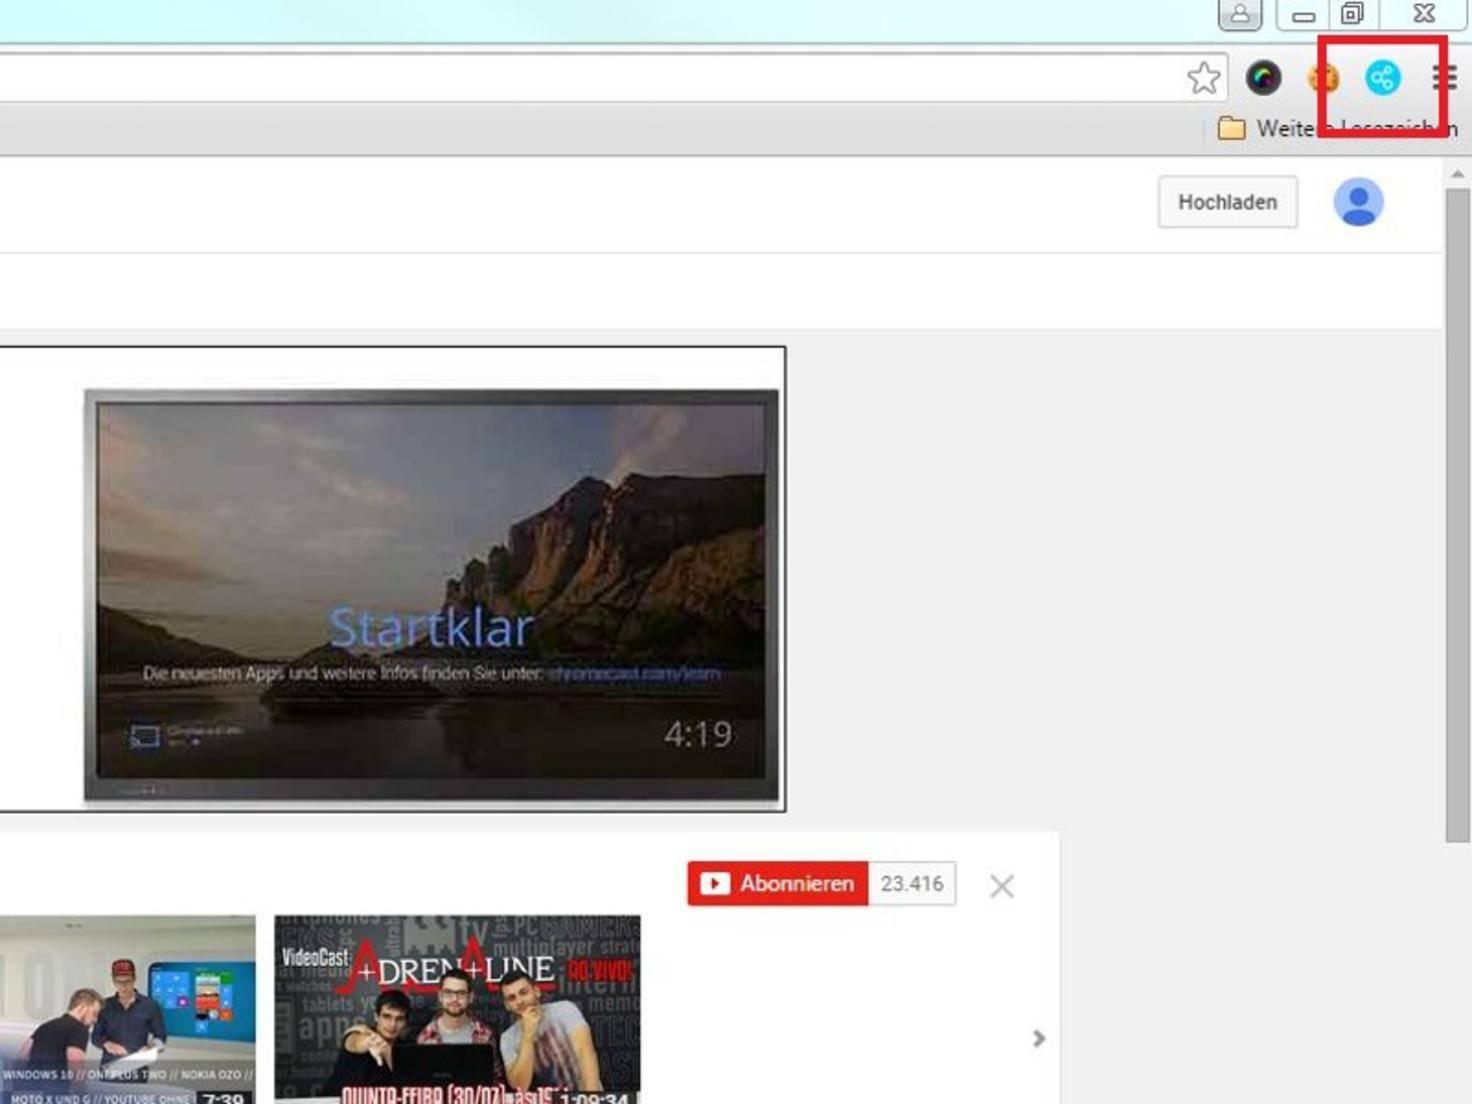 Anschließend markiert ein Symbol im Browserfenster das aktive Plugin.